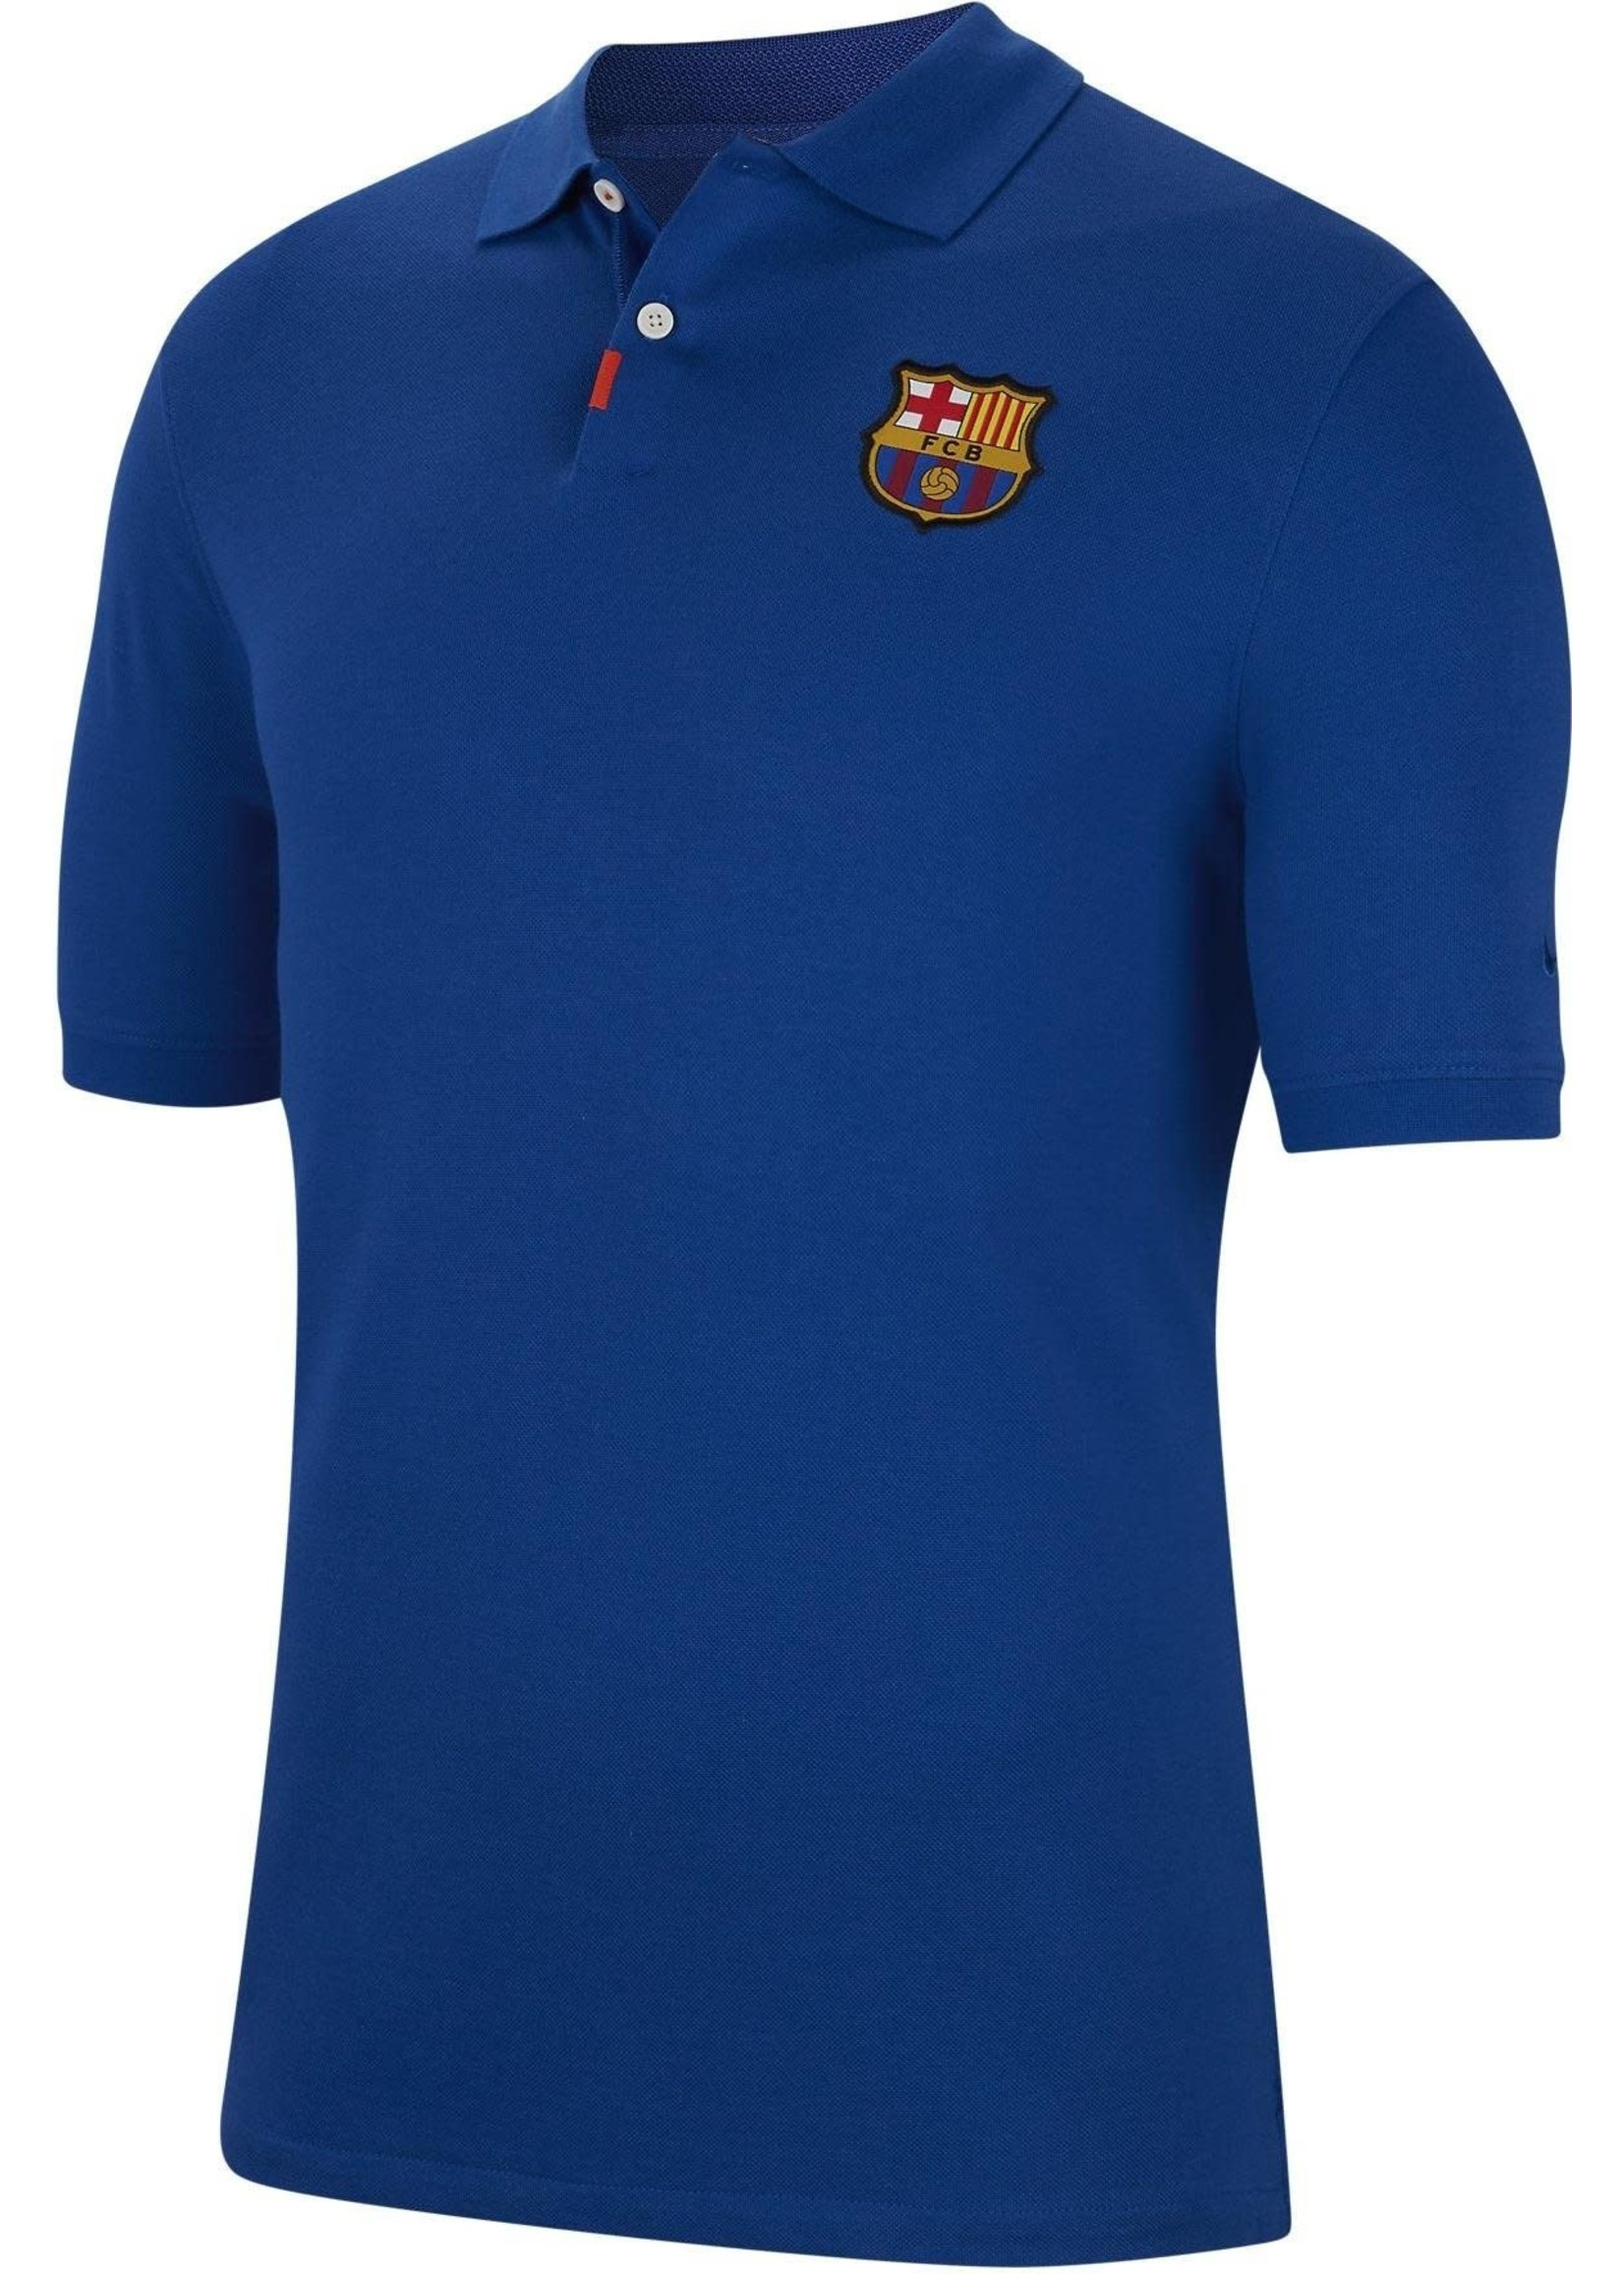 Nike Barcelona Polo Shirt - Blue